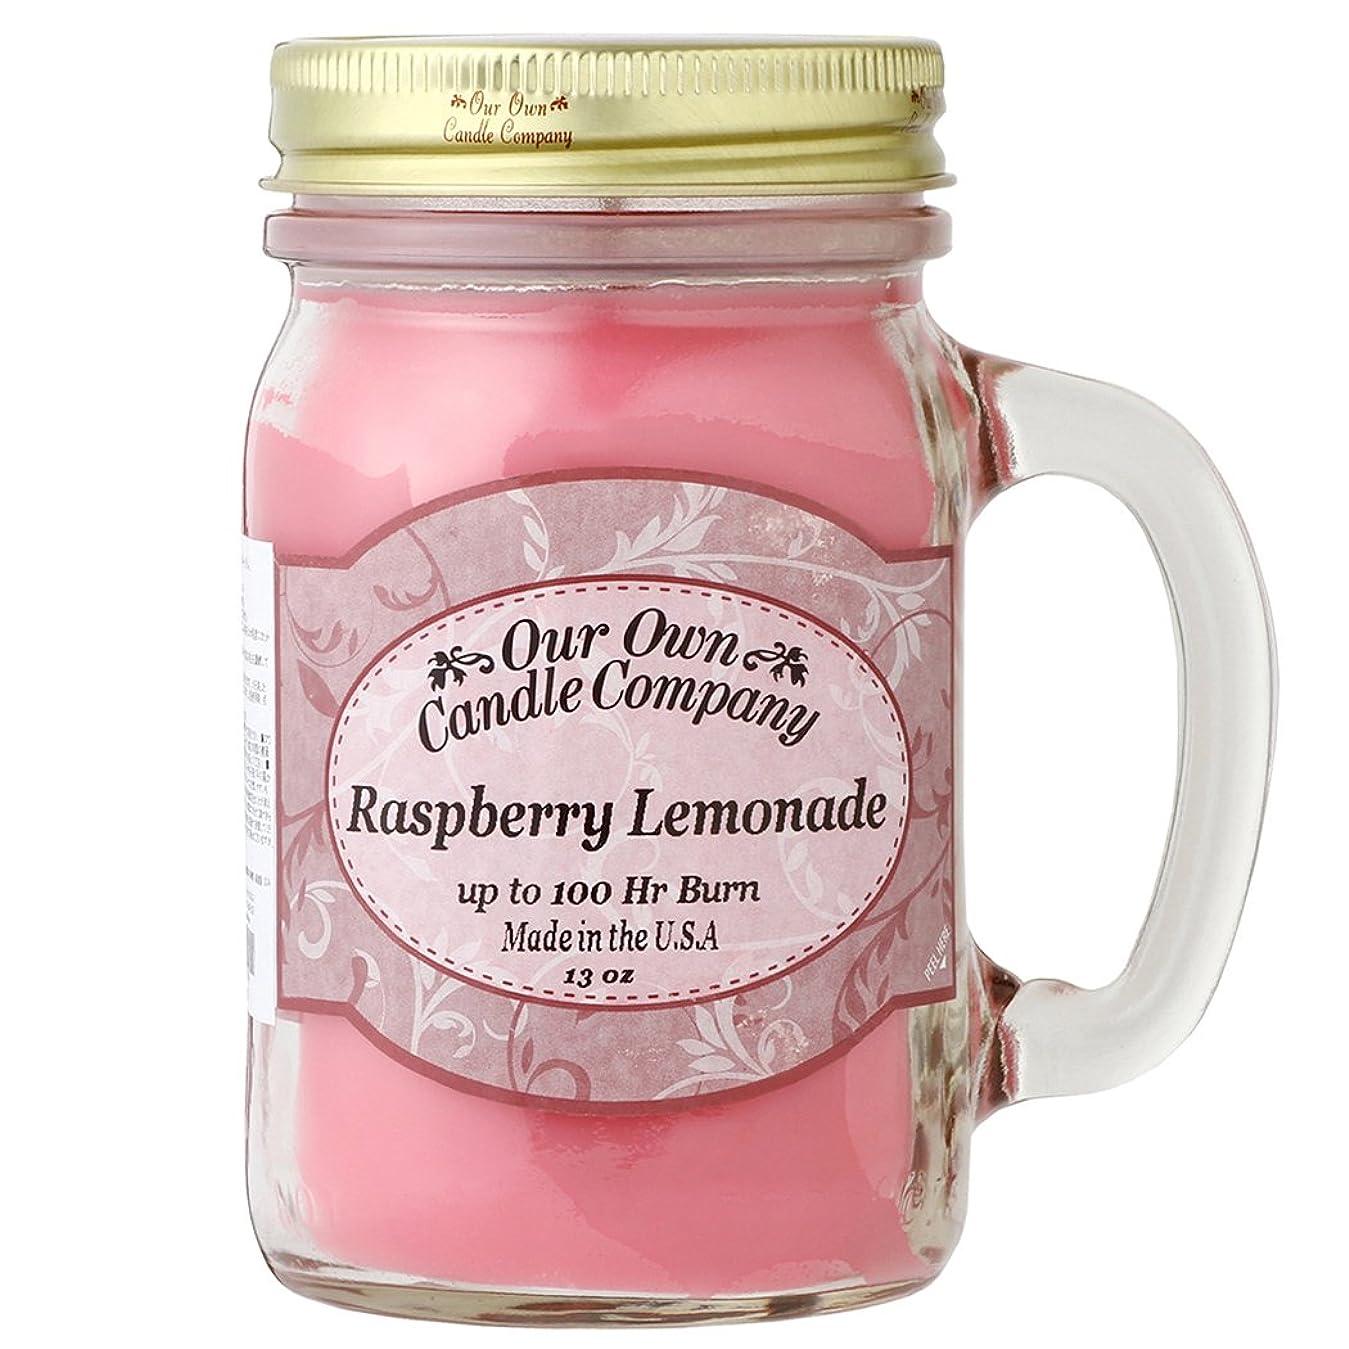 故障トリッキー再集計Our Own Candle Company メイソンジャーキャンドル ラージサイズ ラズベリーレモネード OU100096